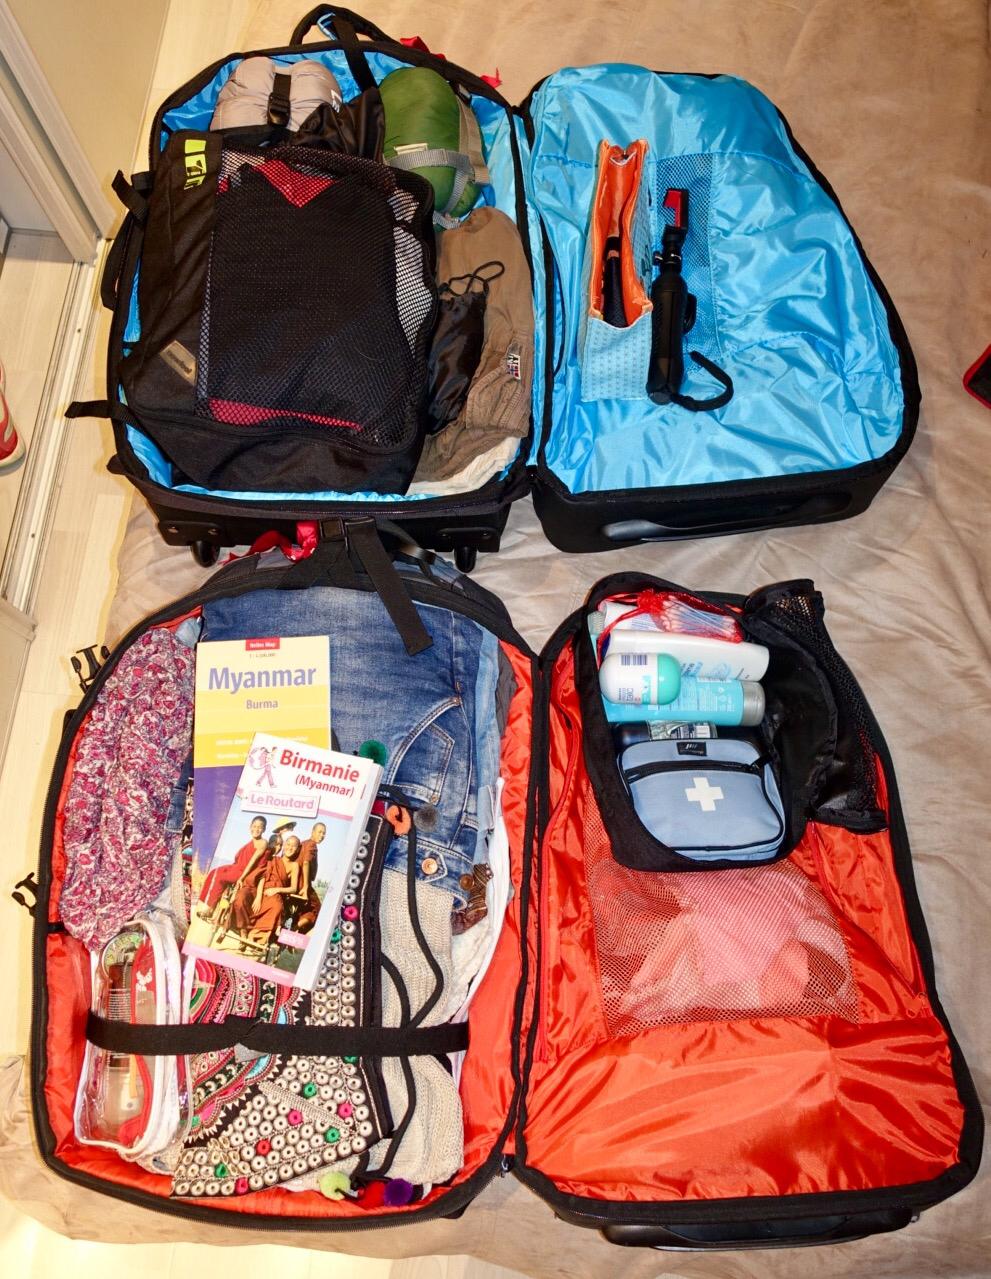 Les bagages de Chouchou et Loulou 😊